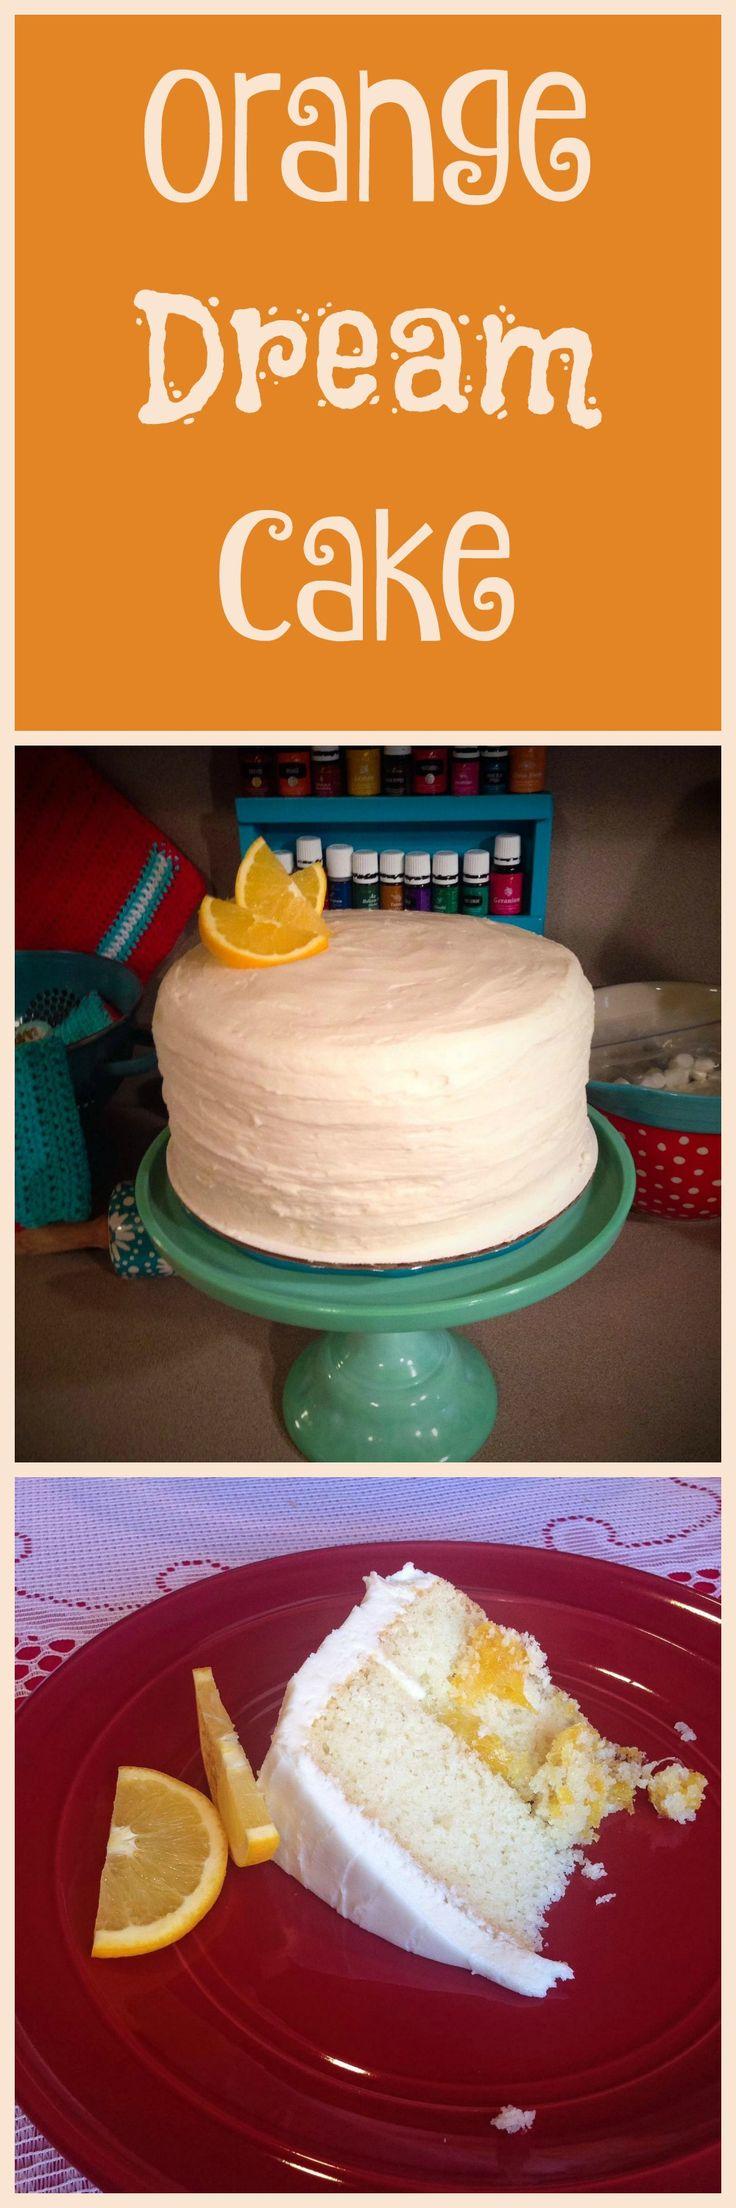 This amazing orange dream cake recipe is simple and delicious.